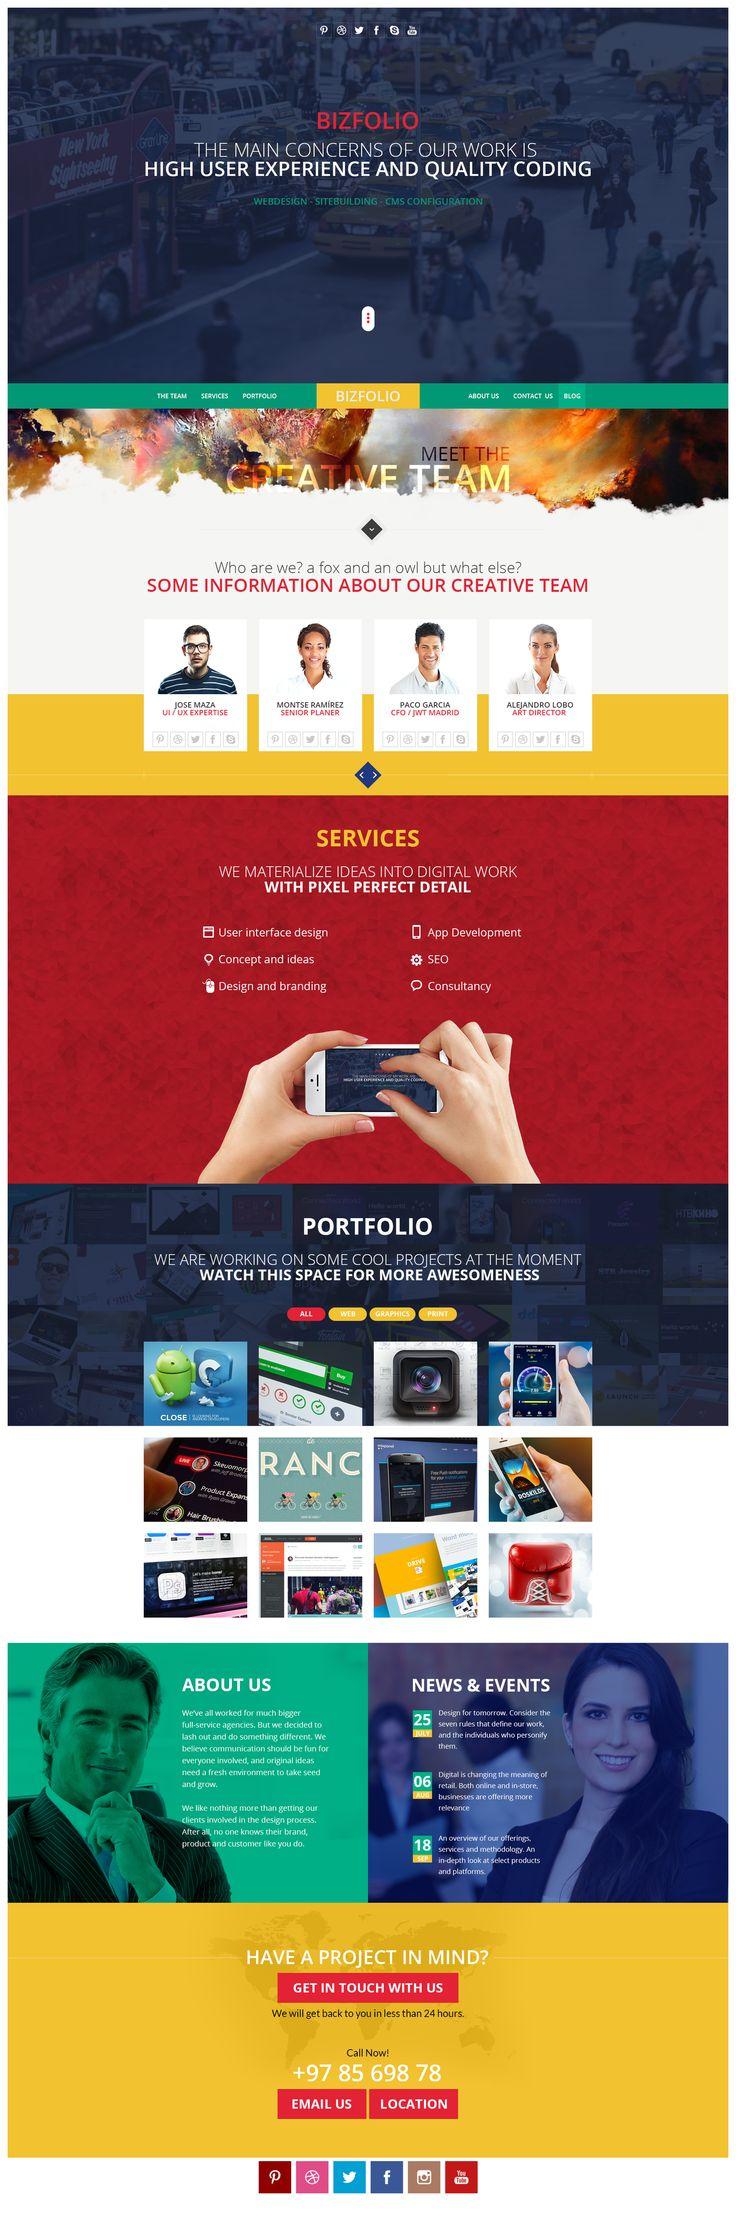 Single Page Web Layout by pixelzeesh - 26227